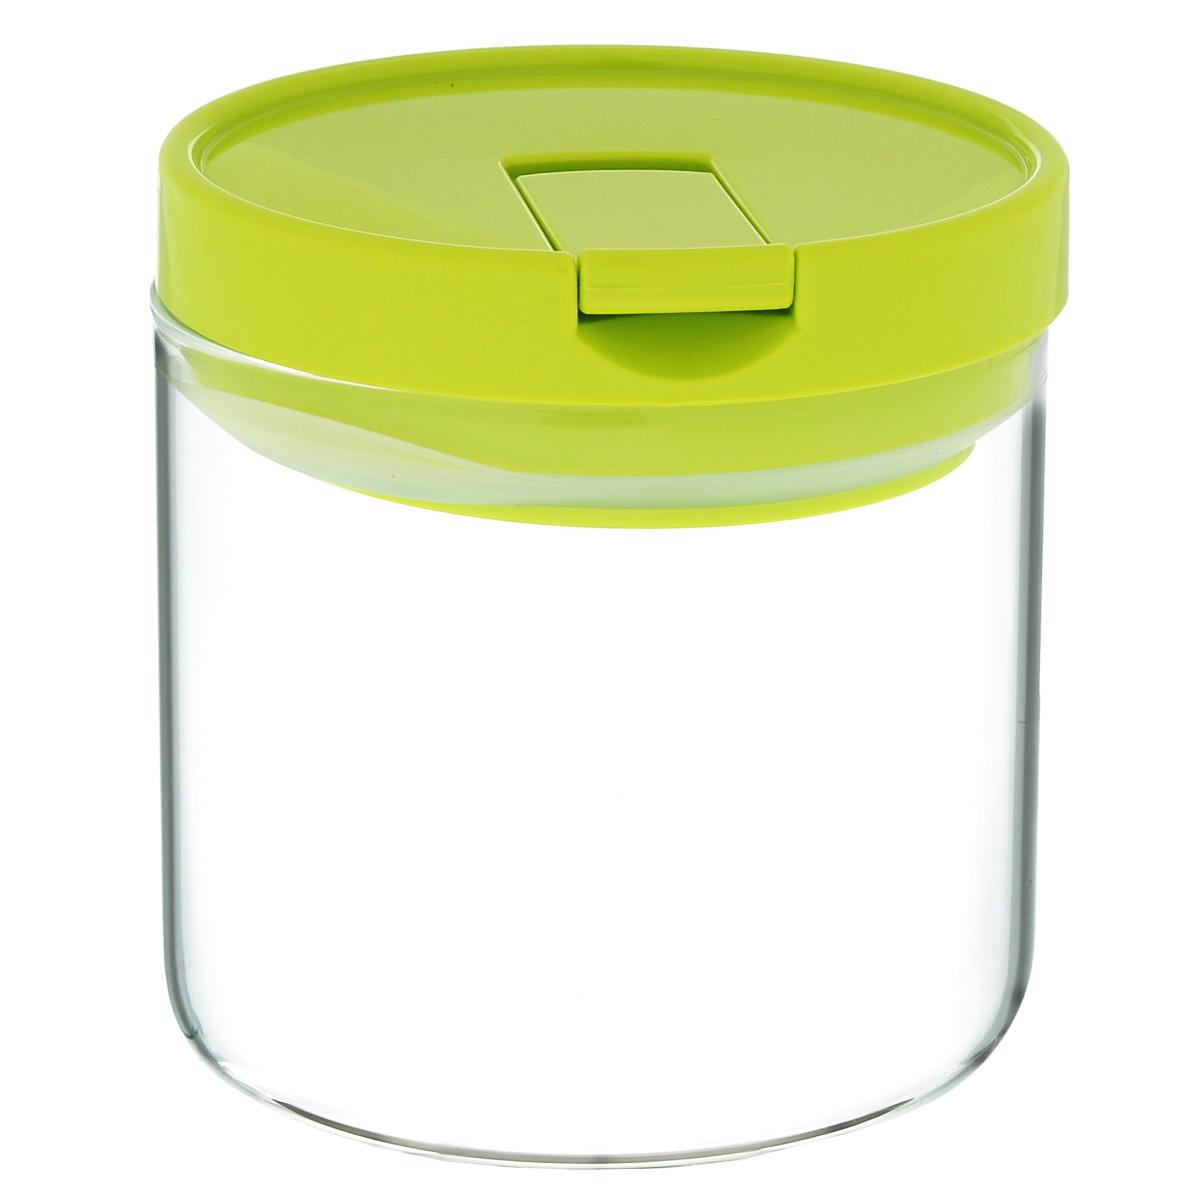 Емкость для хранения Iris Barcelona, 0,8 л4676-PЕмкость для хранения Iris Barcelona изготовлена из высокопрочного боросиликатного стекла. Емкость оснащена герметичной крышкой со специальным клапаном, благодаря которому внутри создается вакуум, и продукты дольше сохраняют свежесть и аромат. Клапан закрывается с громким щелчком.Стенки емкости прозрачные - хорошо видно, что внутри. Емкость идеально подходит для хранения различных сыпучих продуктов: круп, макарон, специй, кофе, сахара, орехов, кондитерских изделий.Подходит для микроволновой печи и посудомоечной машины.Объем: 0,8 л.Диаметр: 10,5 см.Высота (с крышкой): 11 см.